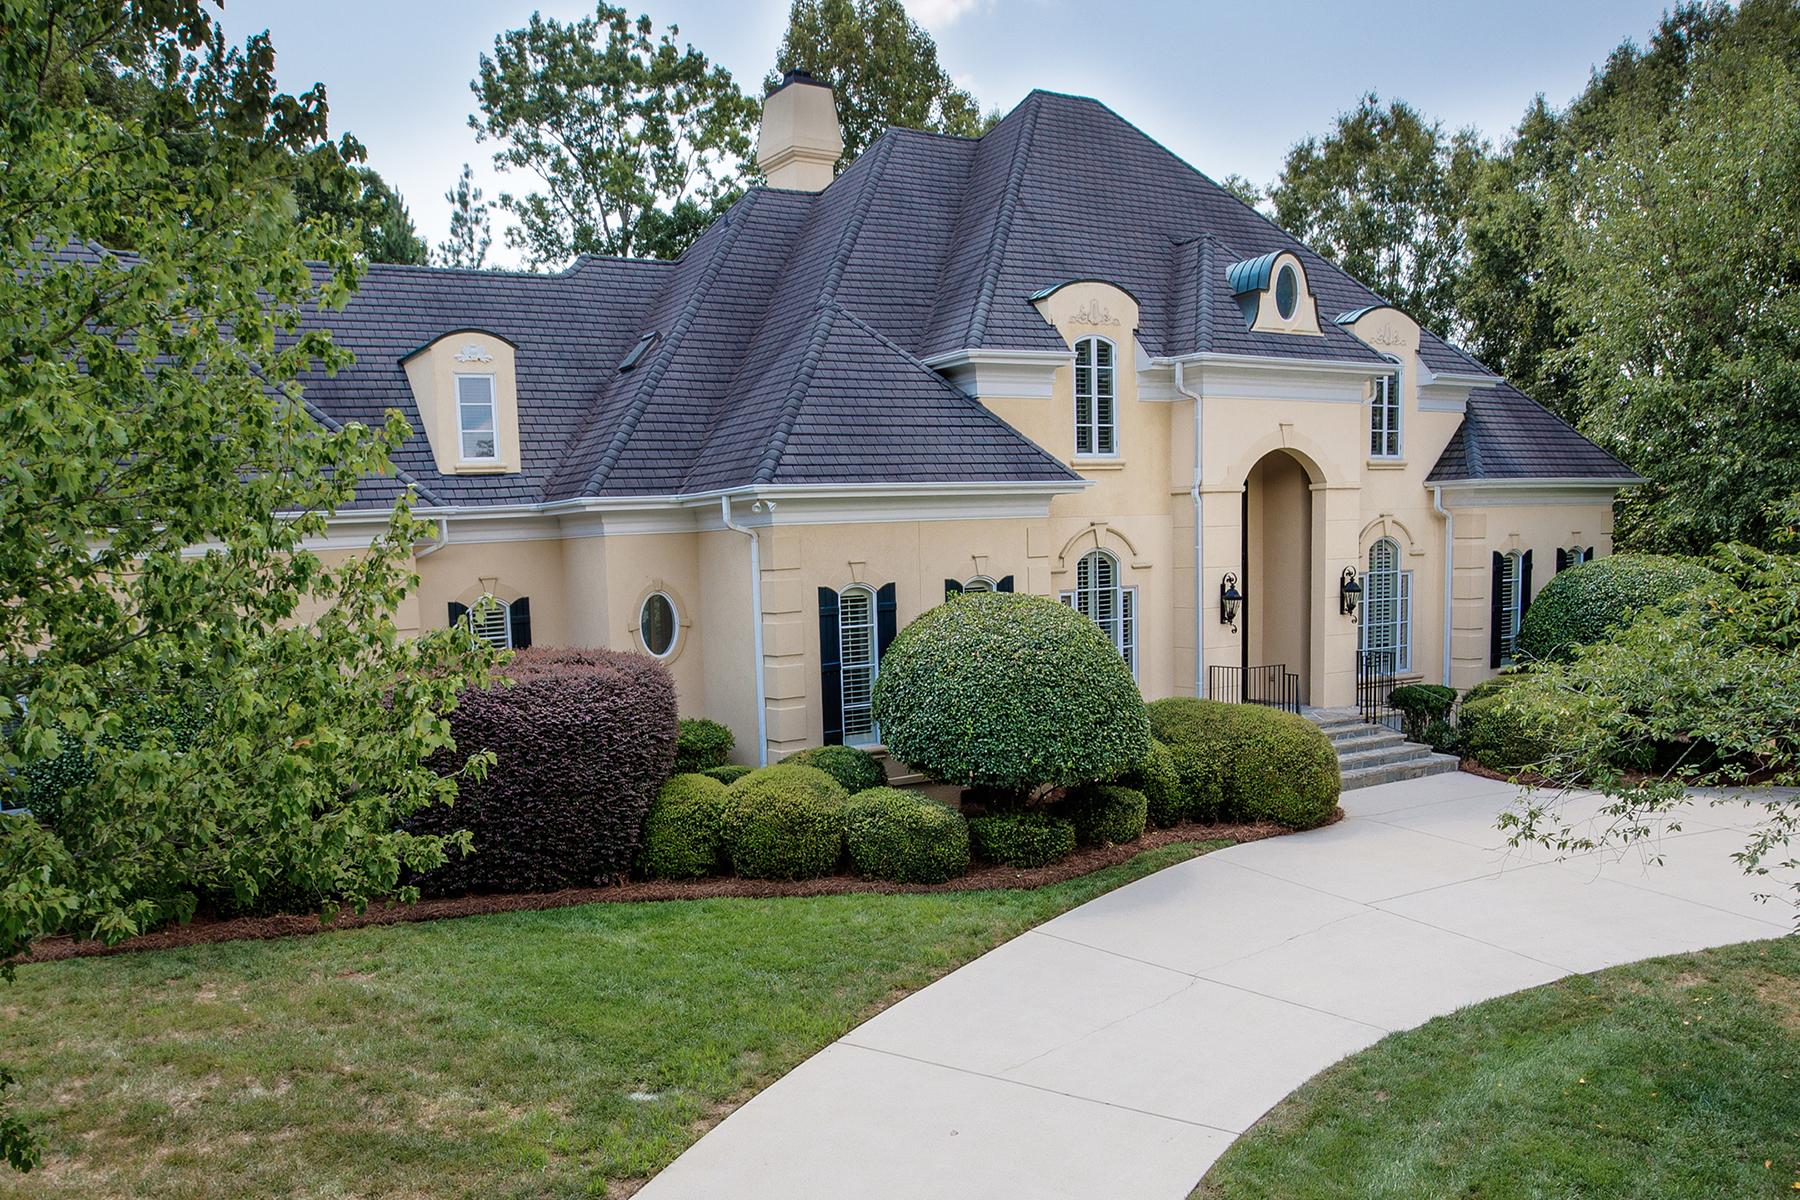 단독 가정 주택 용 매매 에 PIPER GLEN 5417 Bevington Pl Charlotte, 노스캐놀라이나 28277 미국